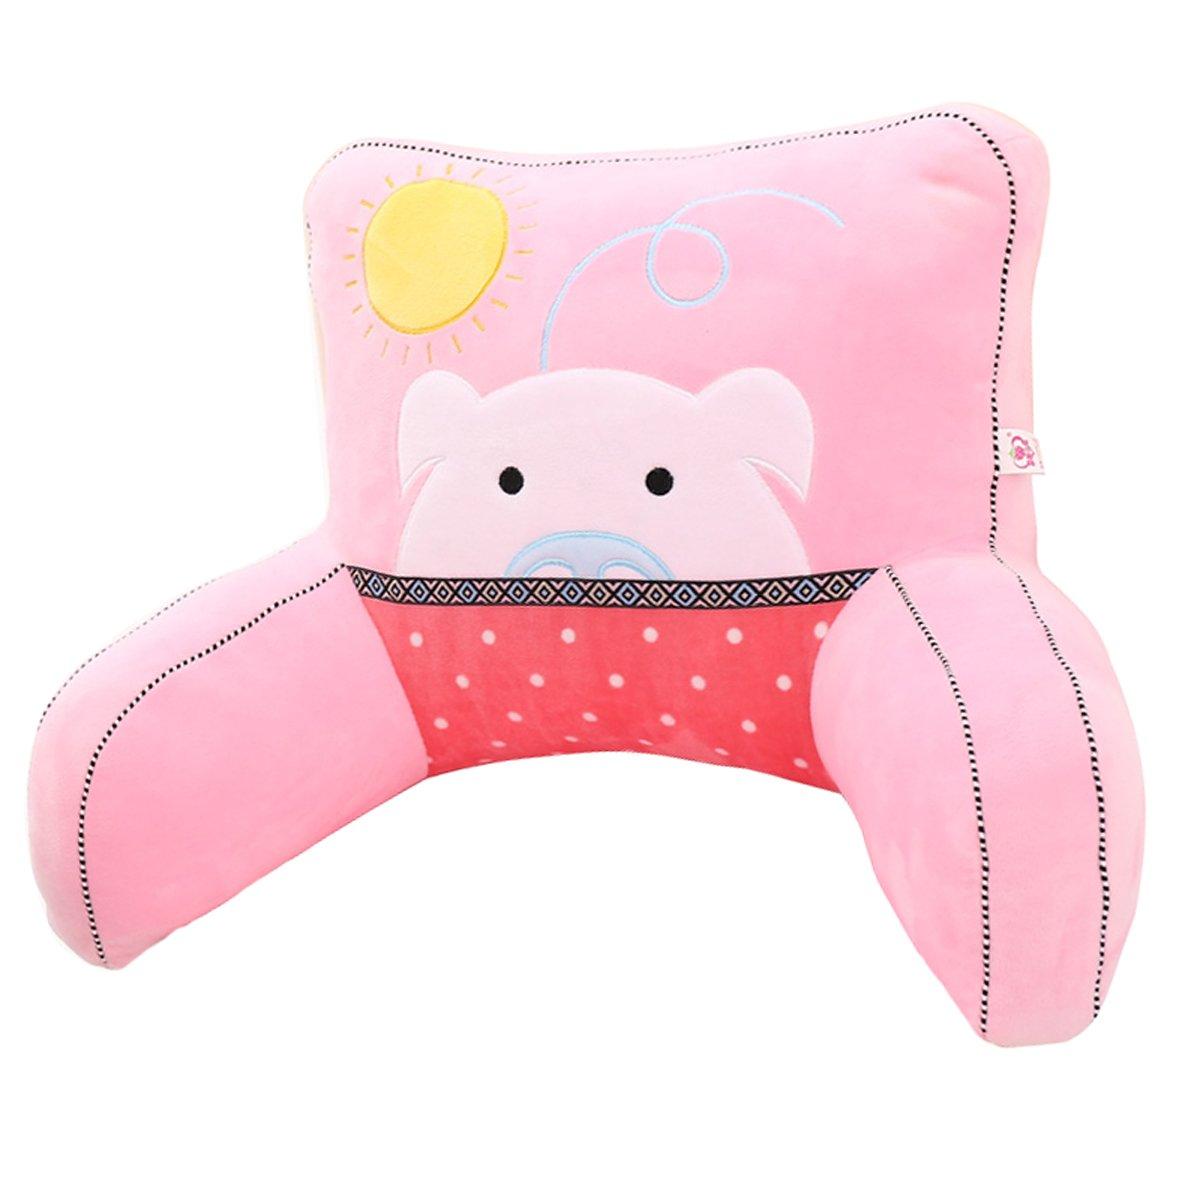 Adorable Pink Piggy Lumbar Support Backrest Pillow Waist Seat Back Cushion Pillow in Home Office School Car